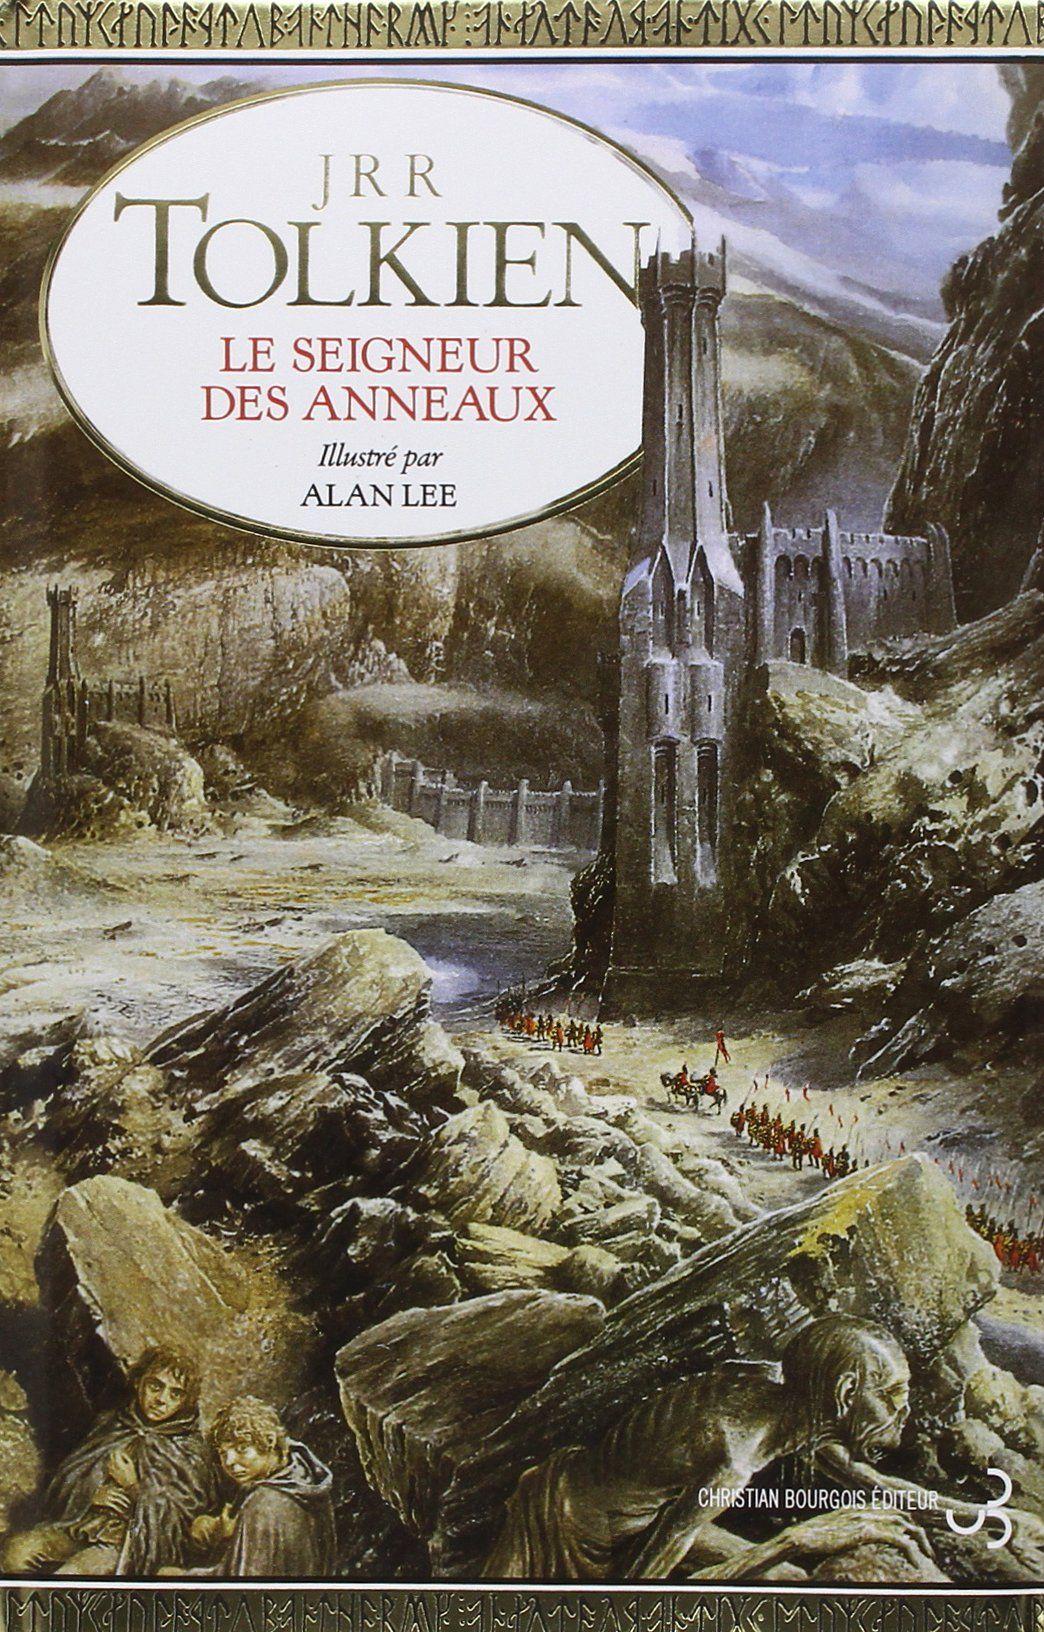 Couvertures Images Et Illustrations De Le Seigneur Des Anneaux Integrale De John Ronald Reuel Tolkien Seigneur Des Anneaux Tolkien Seigneur